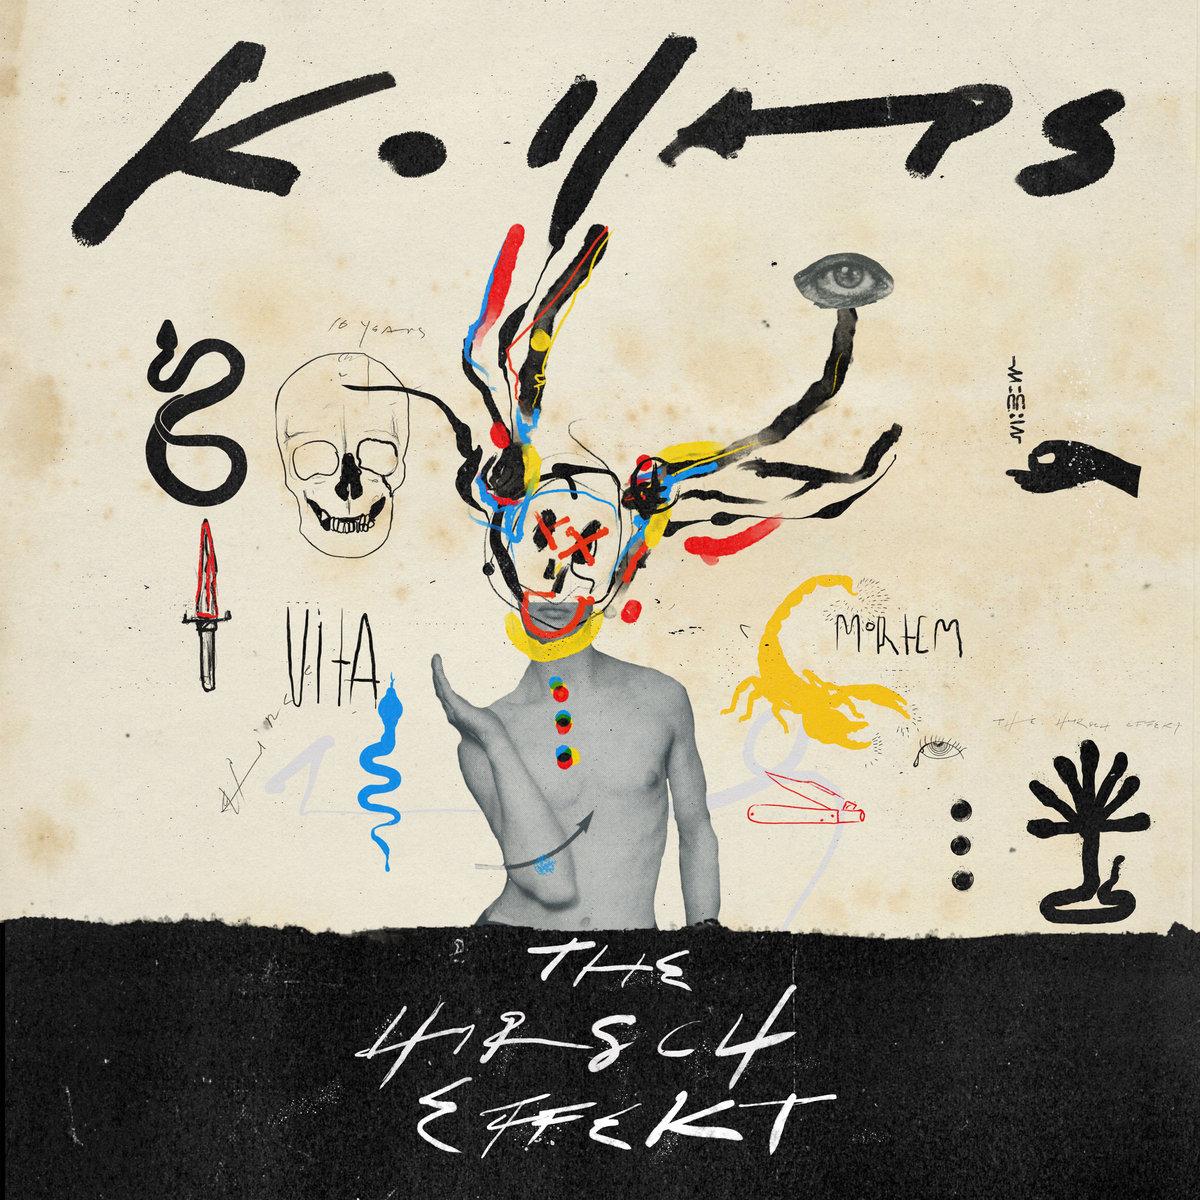 The Hirsch Effekt – Kollaps